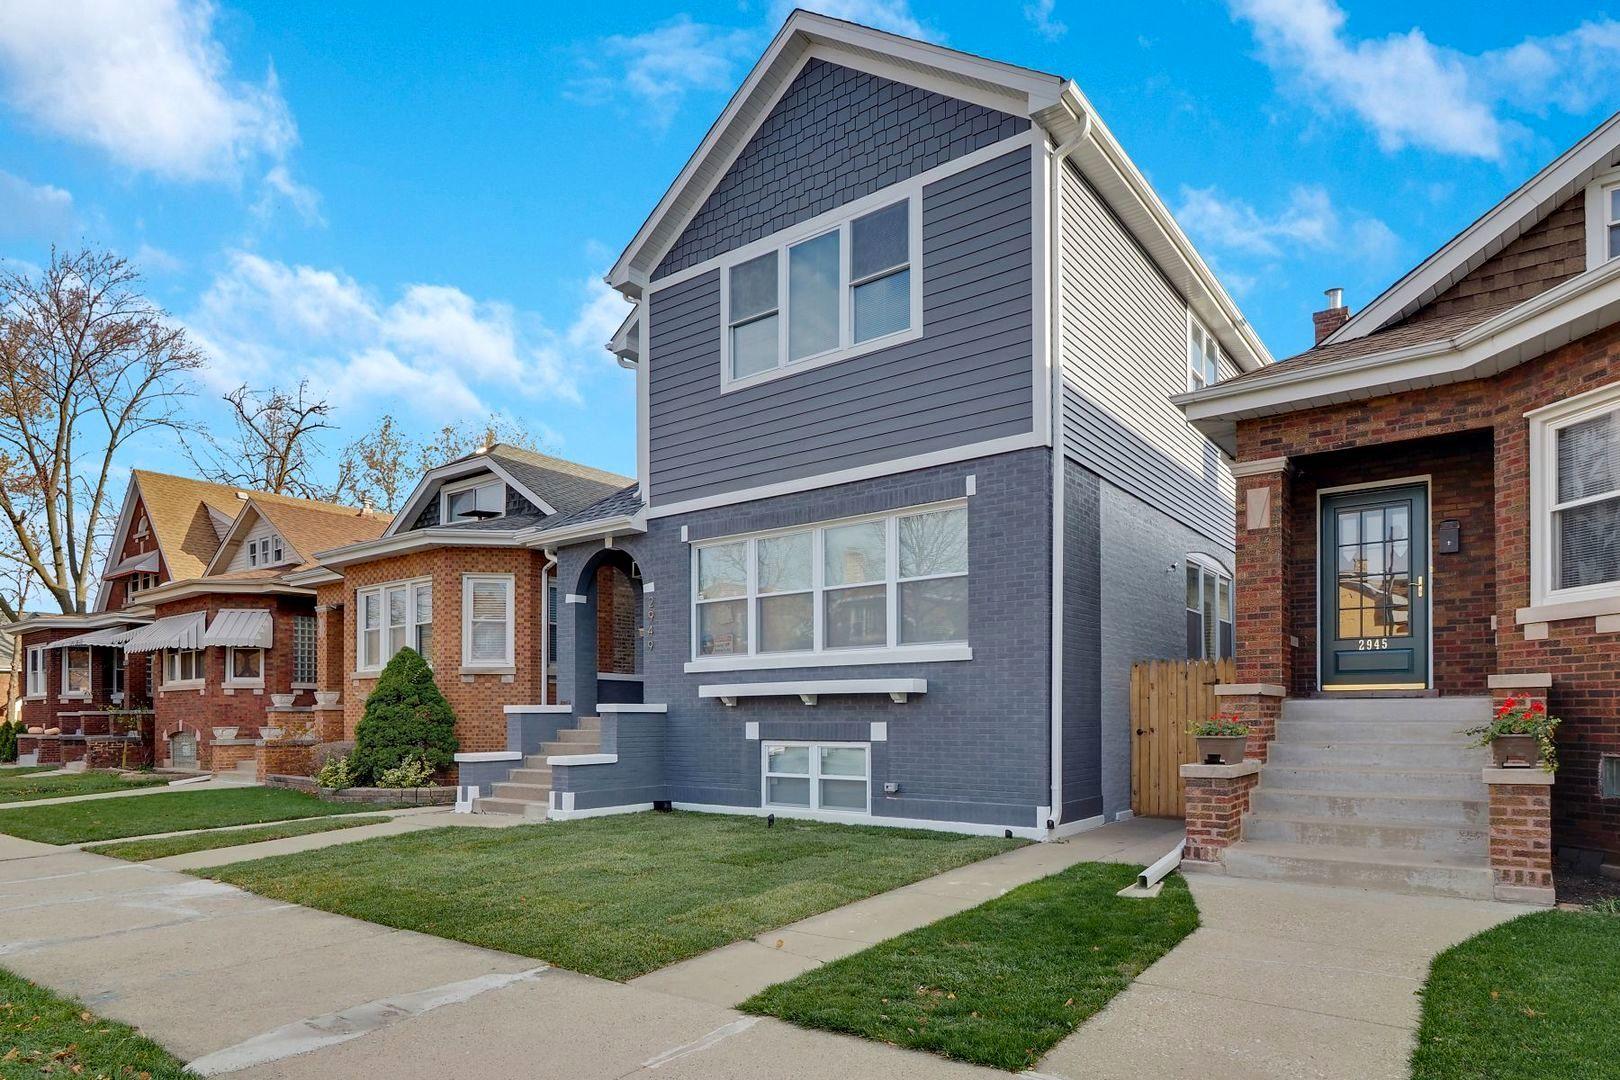 2949 Luna ,Chicago, Illinois 60641